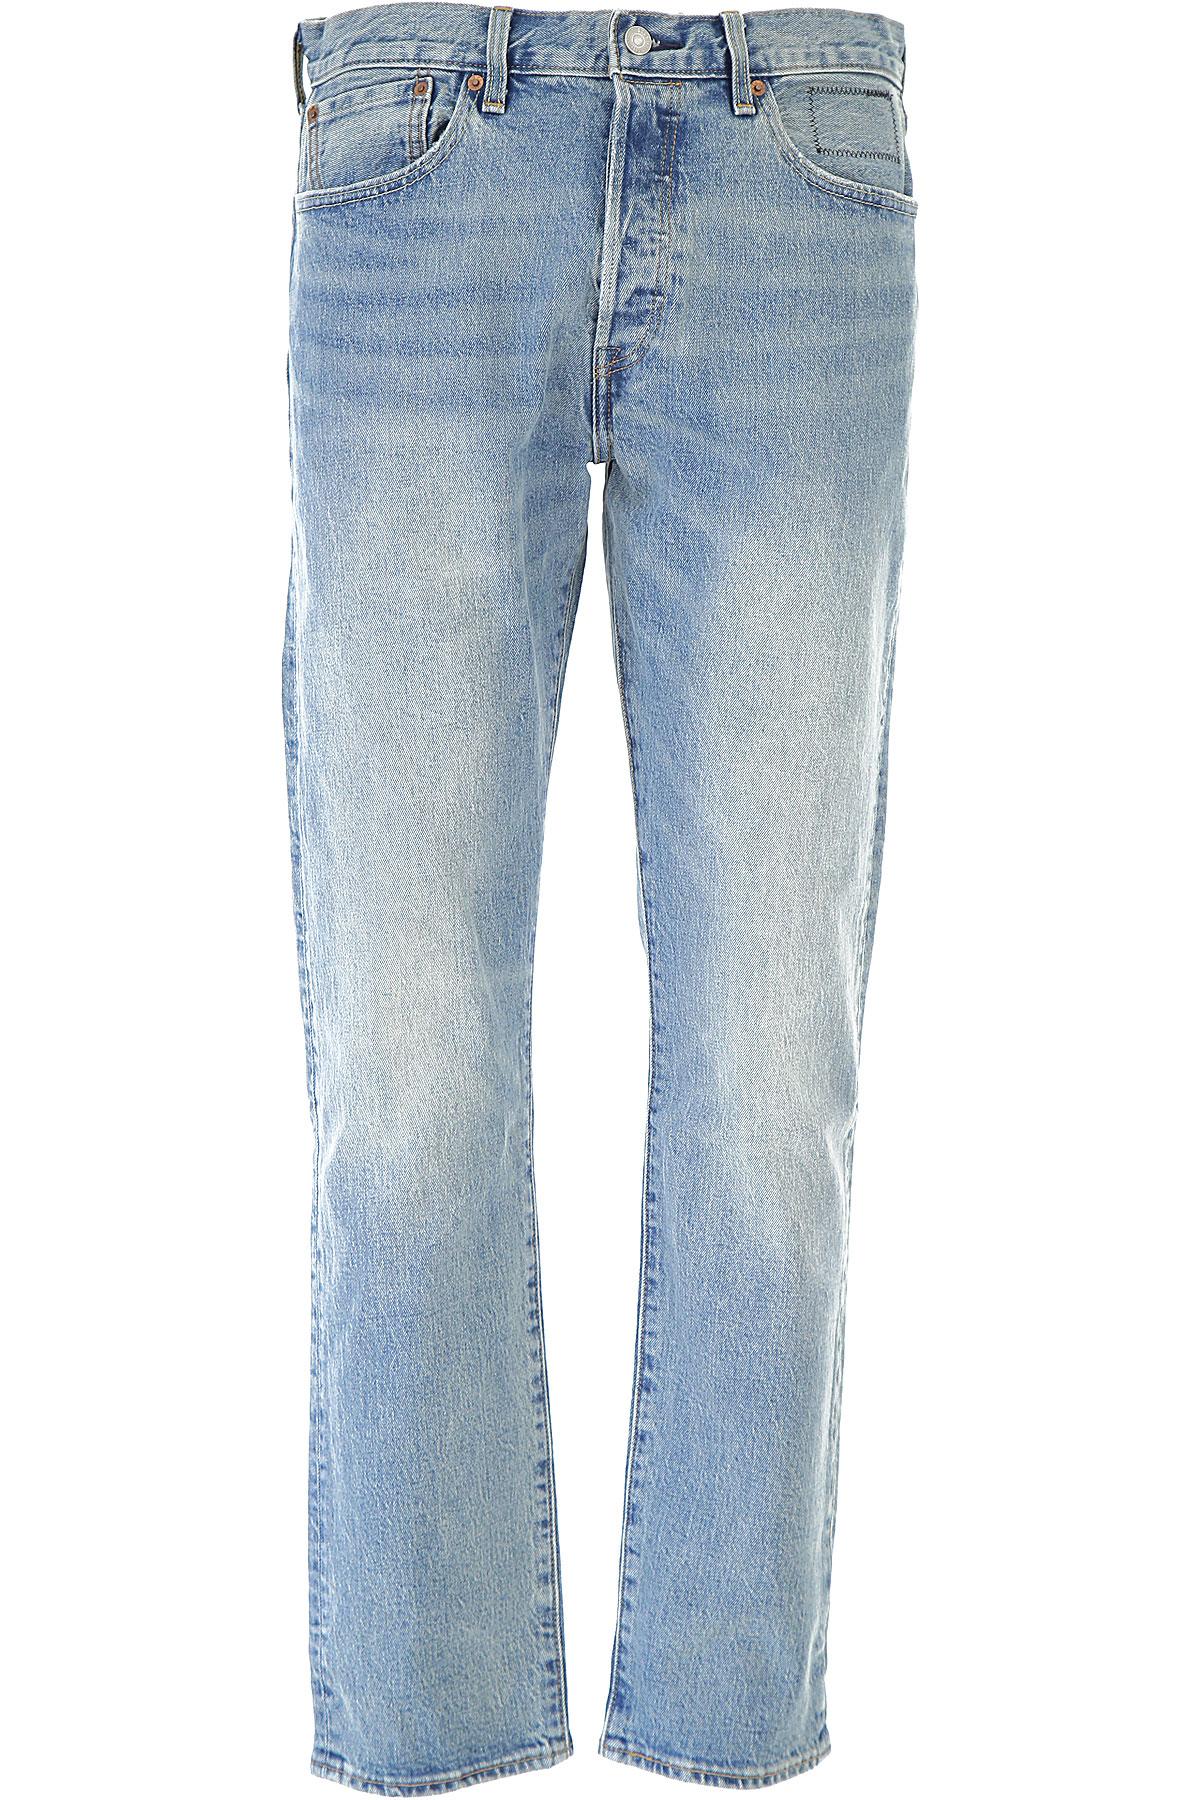 Levis Jeans On Sale, Denim Light, Cotton, 2017, 28 29 30 31 32 33